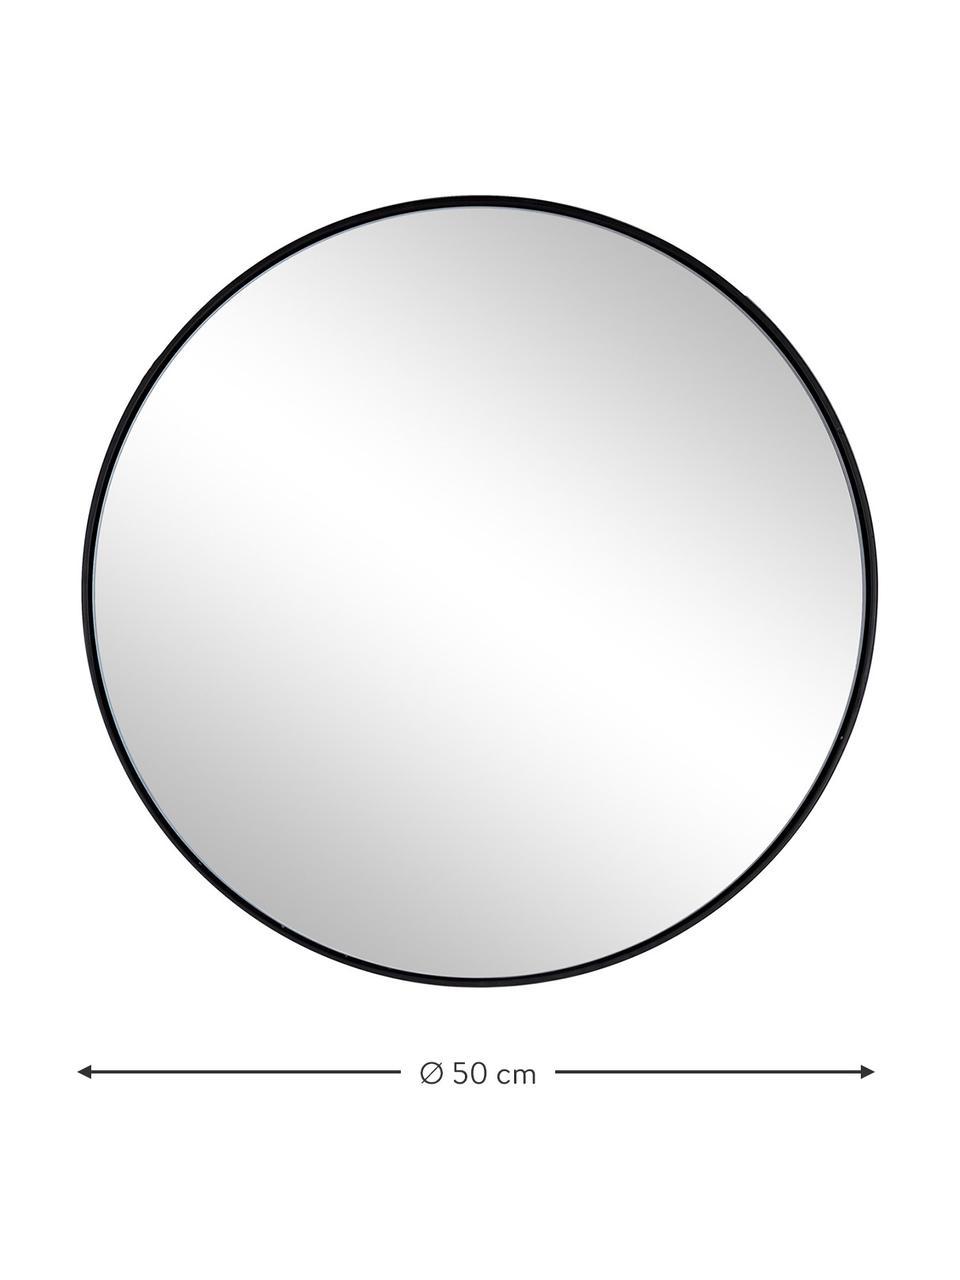 Specchio rotondo da parete con cornice in metallo nero Nucleos, Cornice: metallo rivestito, Superficie dello specchio: lastra di vetro, Nero, Ø 70 cm x Prof. 2 cm